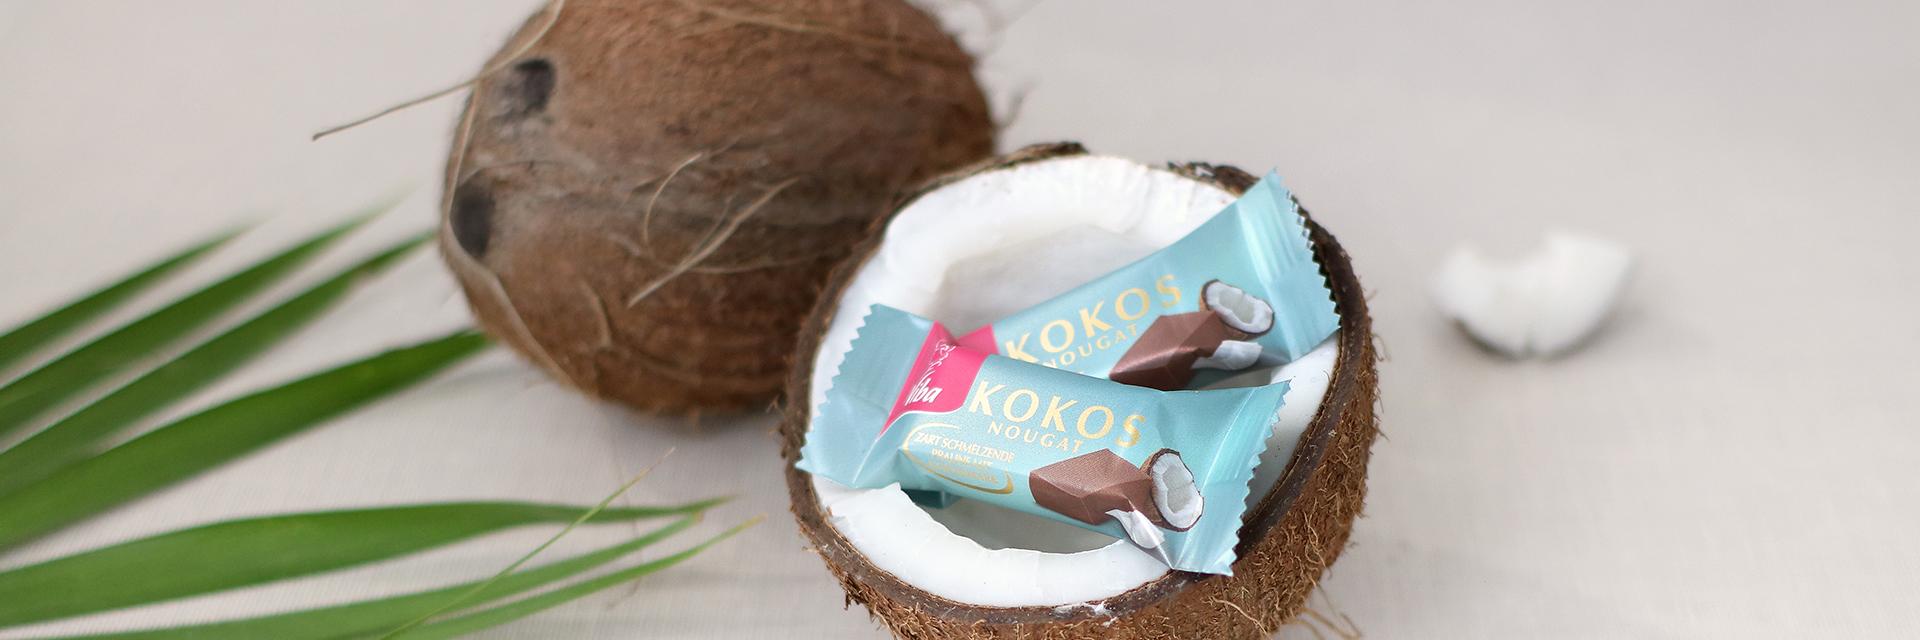 Gewinnspiel Kühlschrank mit Kokos-Nougat